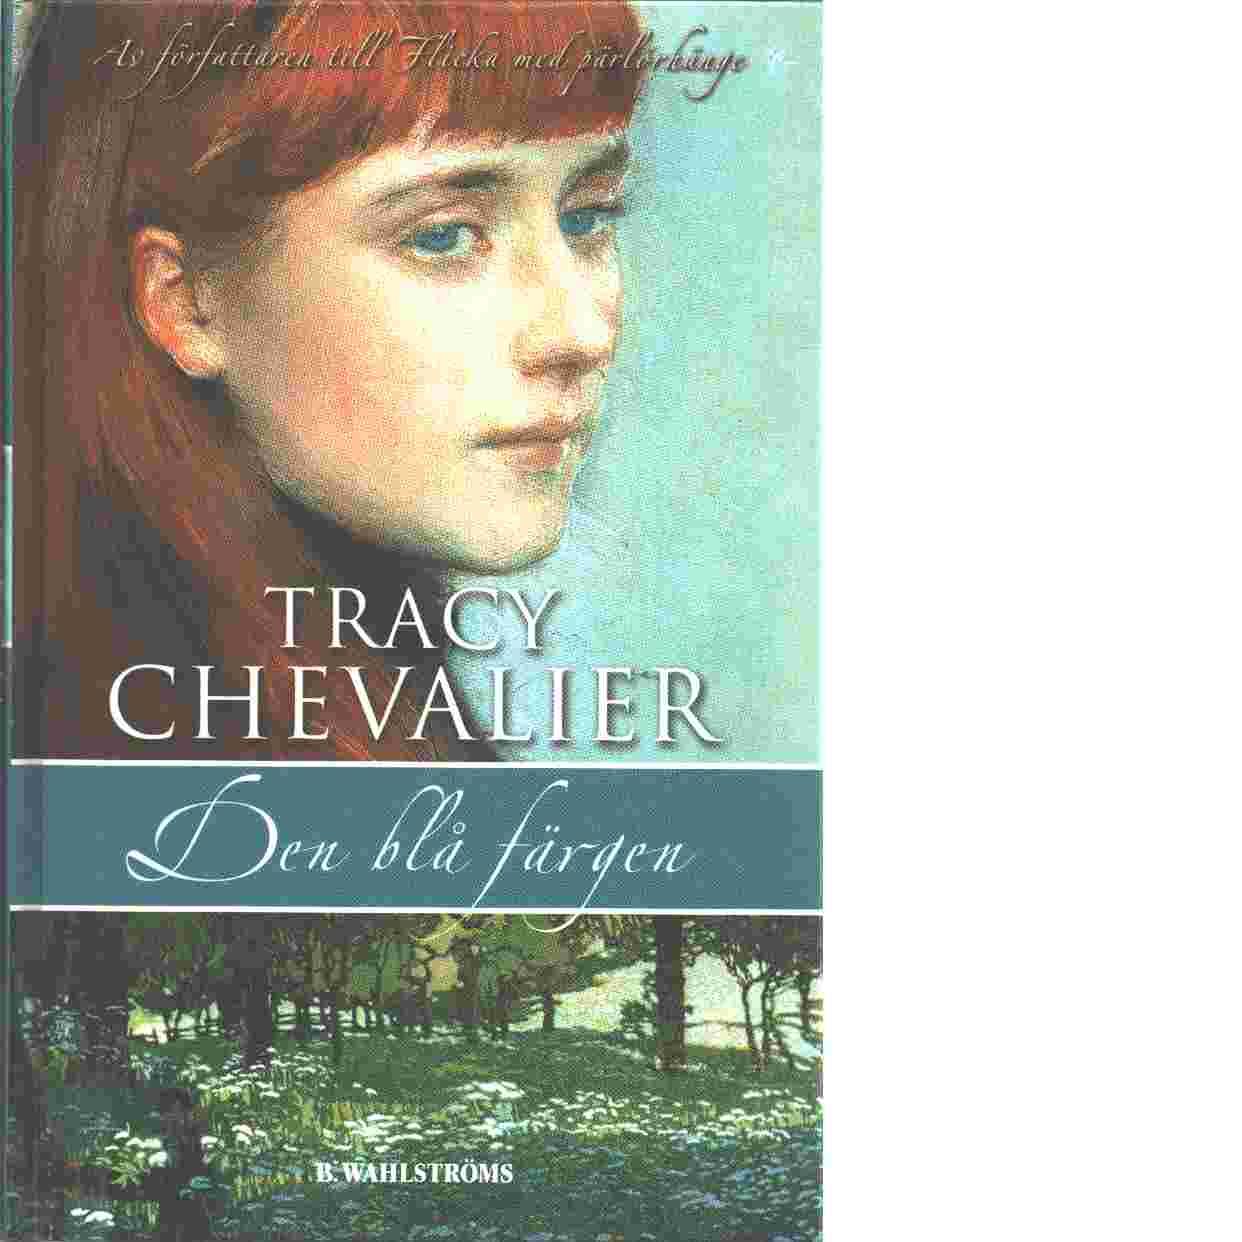 Den blå färgen - Chevalier, Tracy